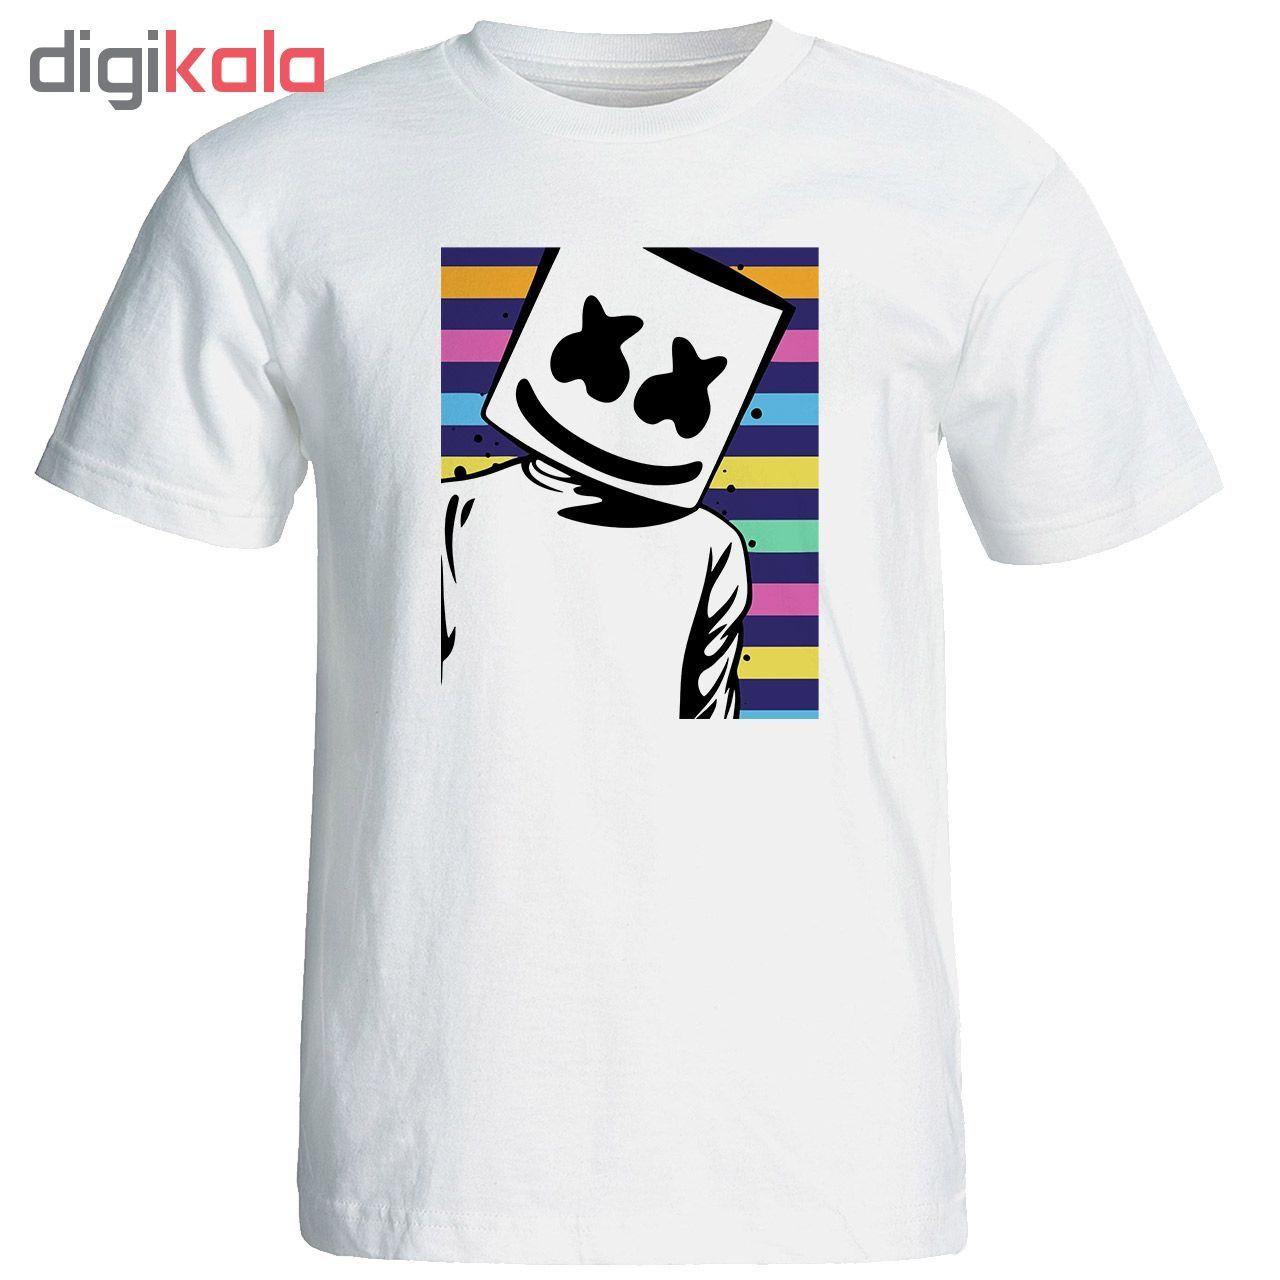 تی شرت مردانه طرح مارشملو  کد 17257 main 1 1